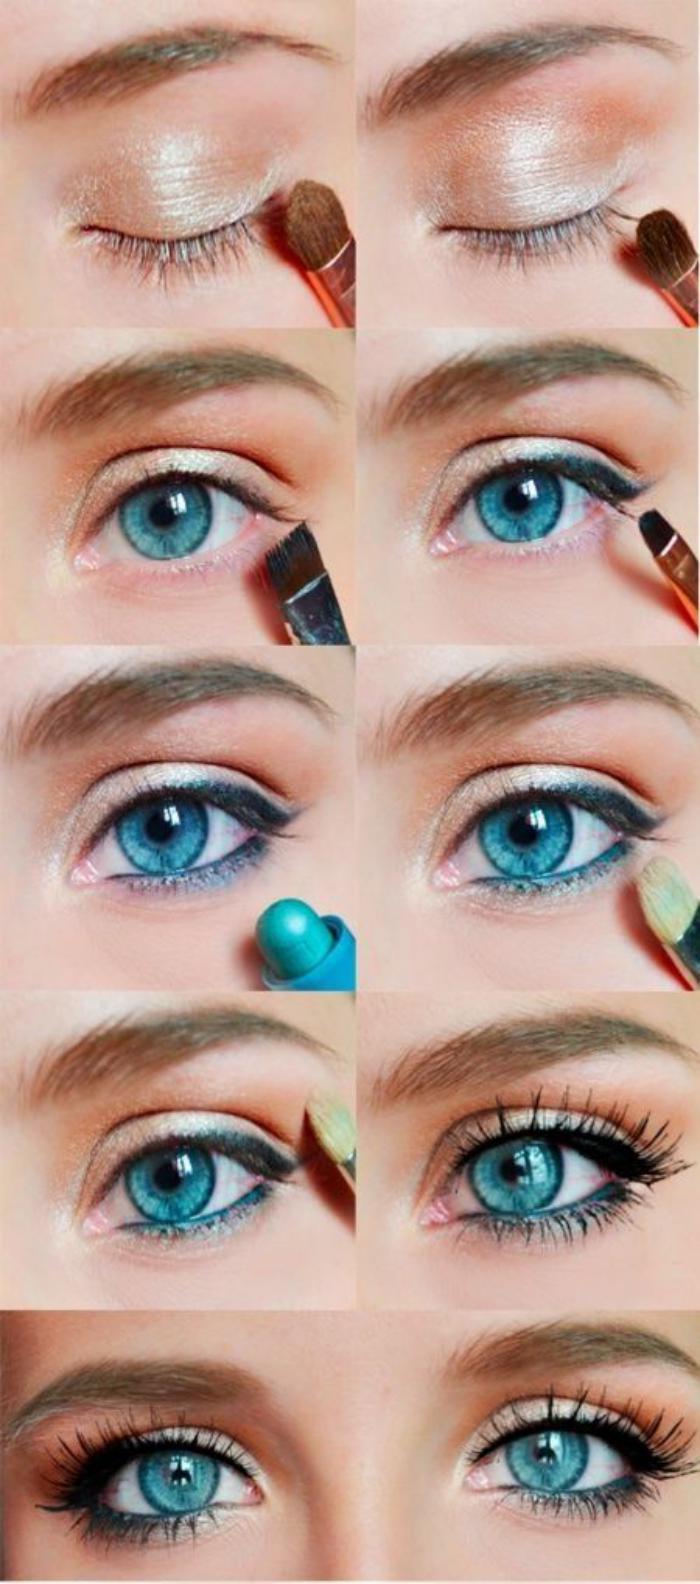 maquillage-simple-un-look-élégant-et-simple